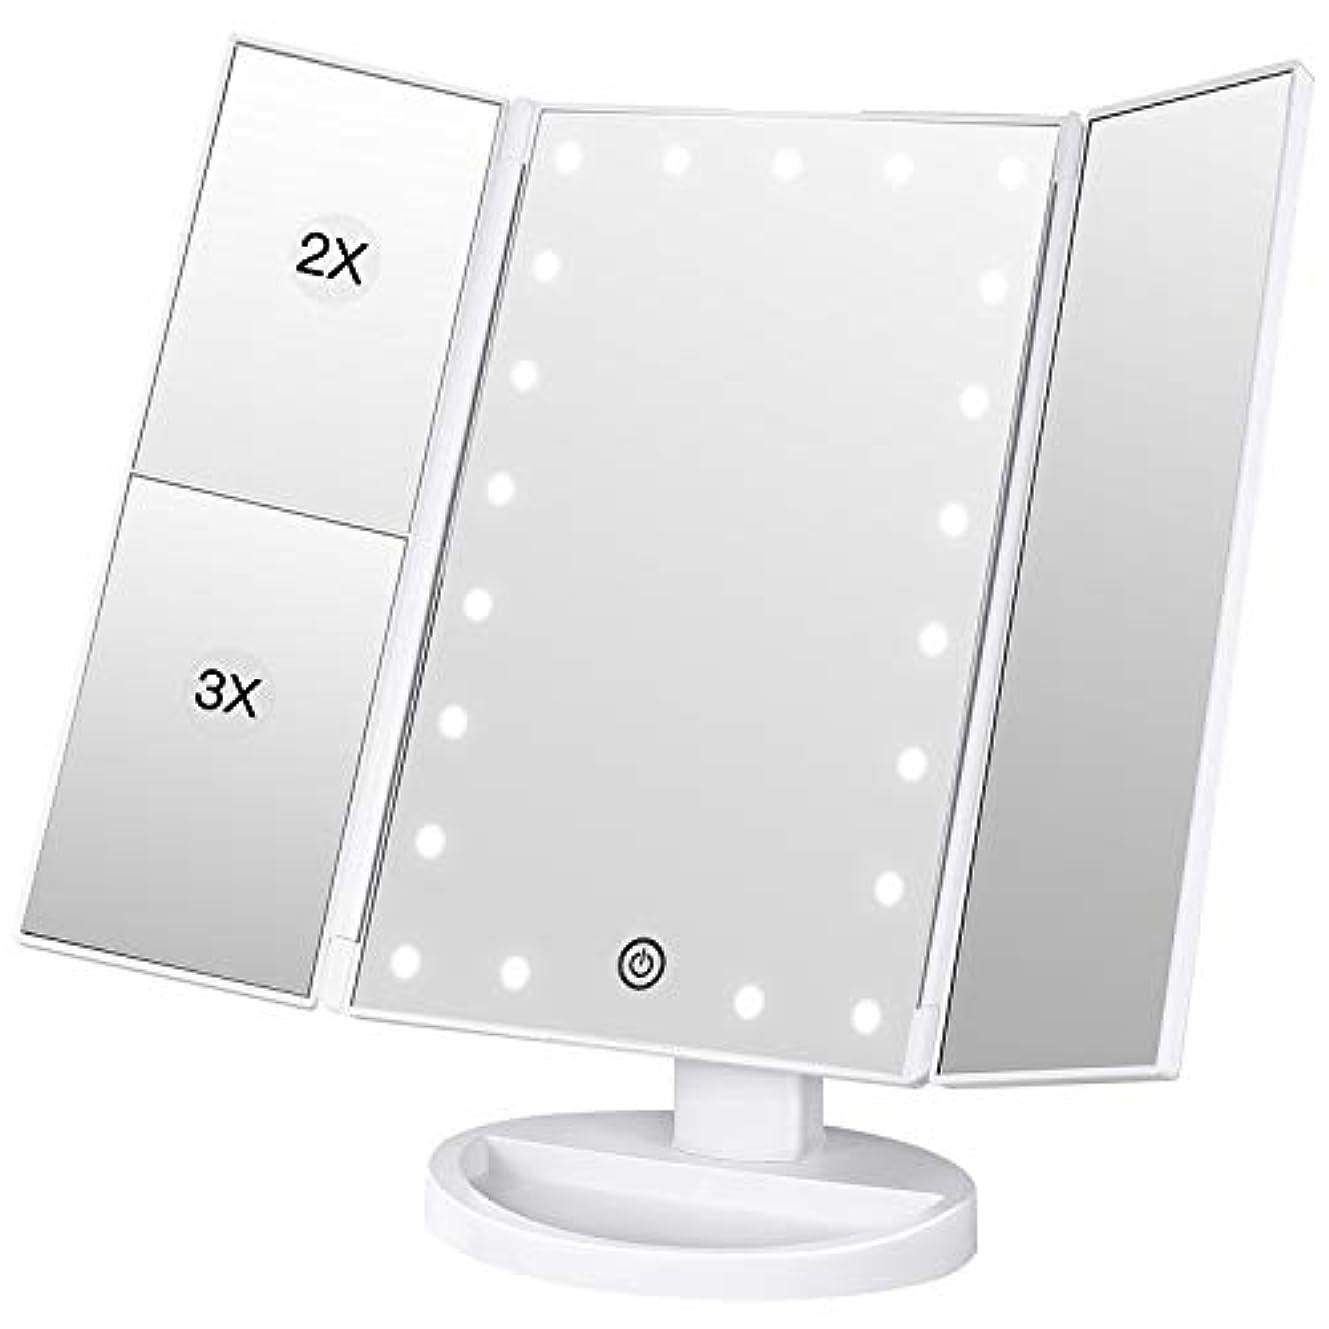 厳しいメダルページェントBESTOPE 化粧鏡 化粧ミラー 鏡 三面鏡 女優ミラー 卓上 led付き 折りたたみ 拡大鏡 2&3倍 明るさ調節可能 180°回転 電池&USB 2WAY給電